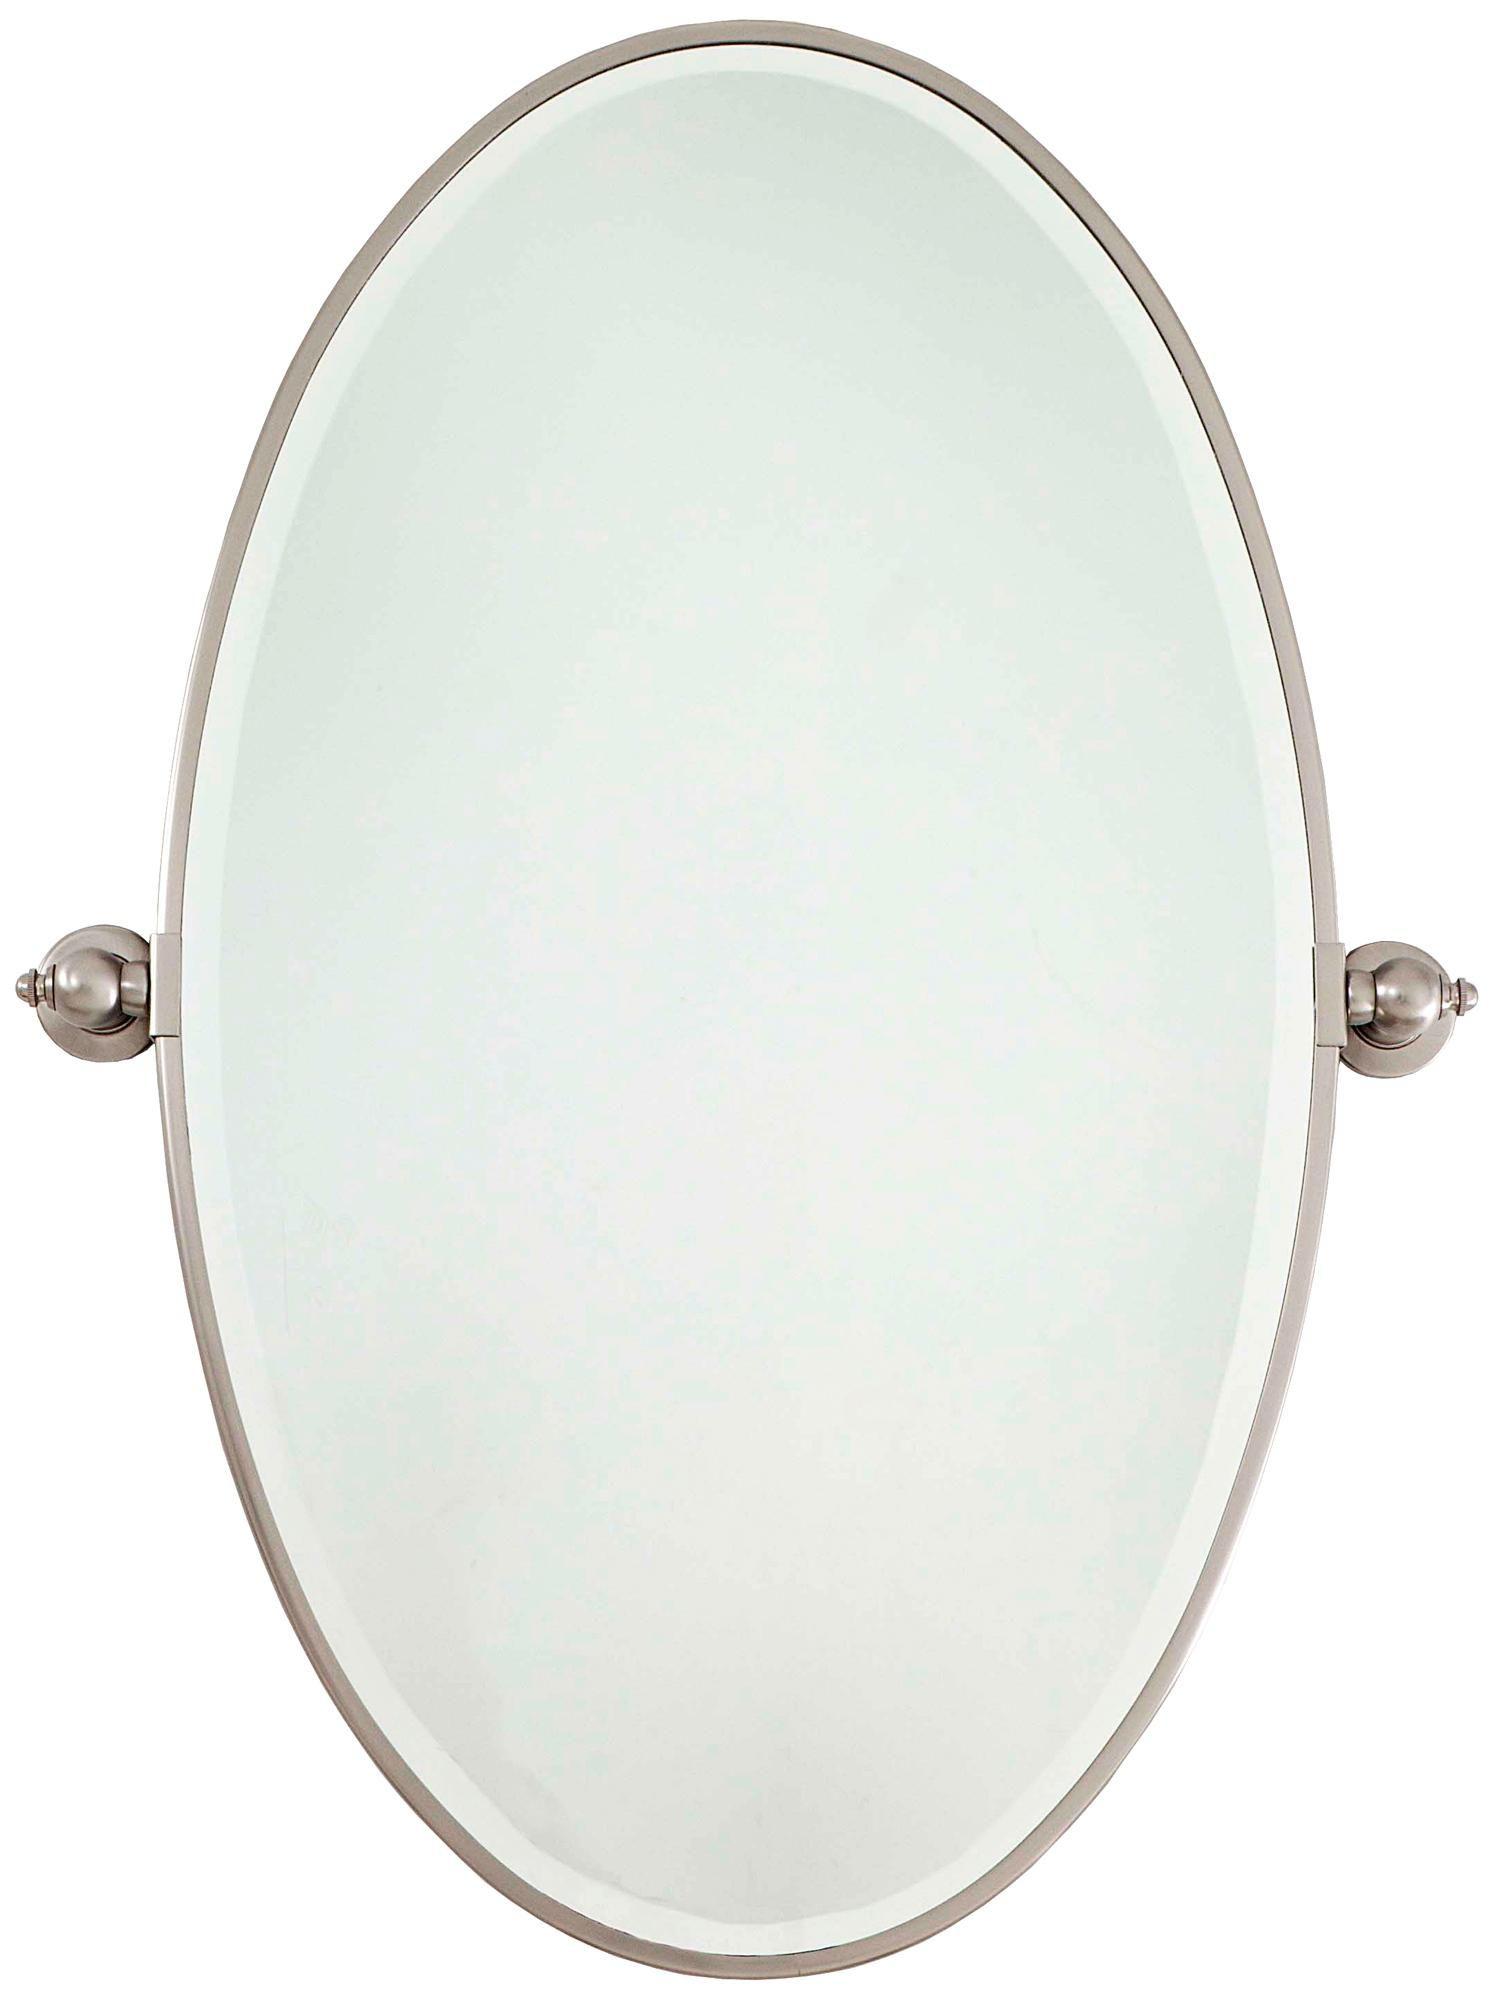 Minka 36 High Oval Brushed Nickel Bathroom Wall Mirror